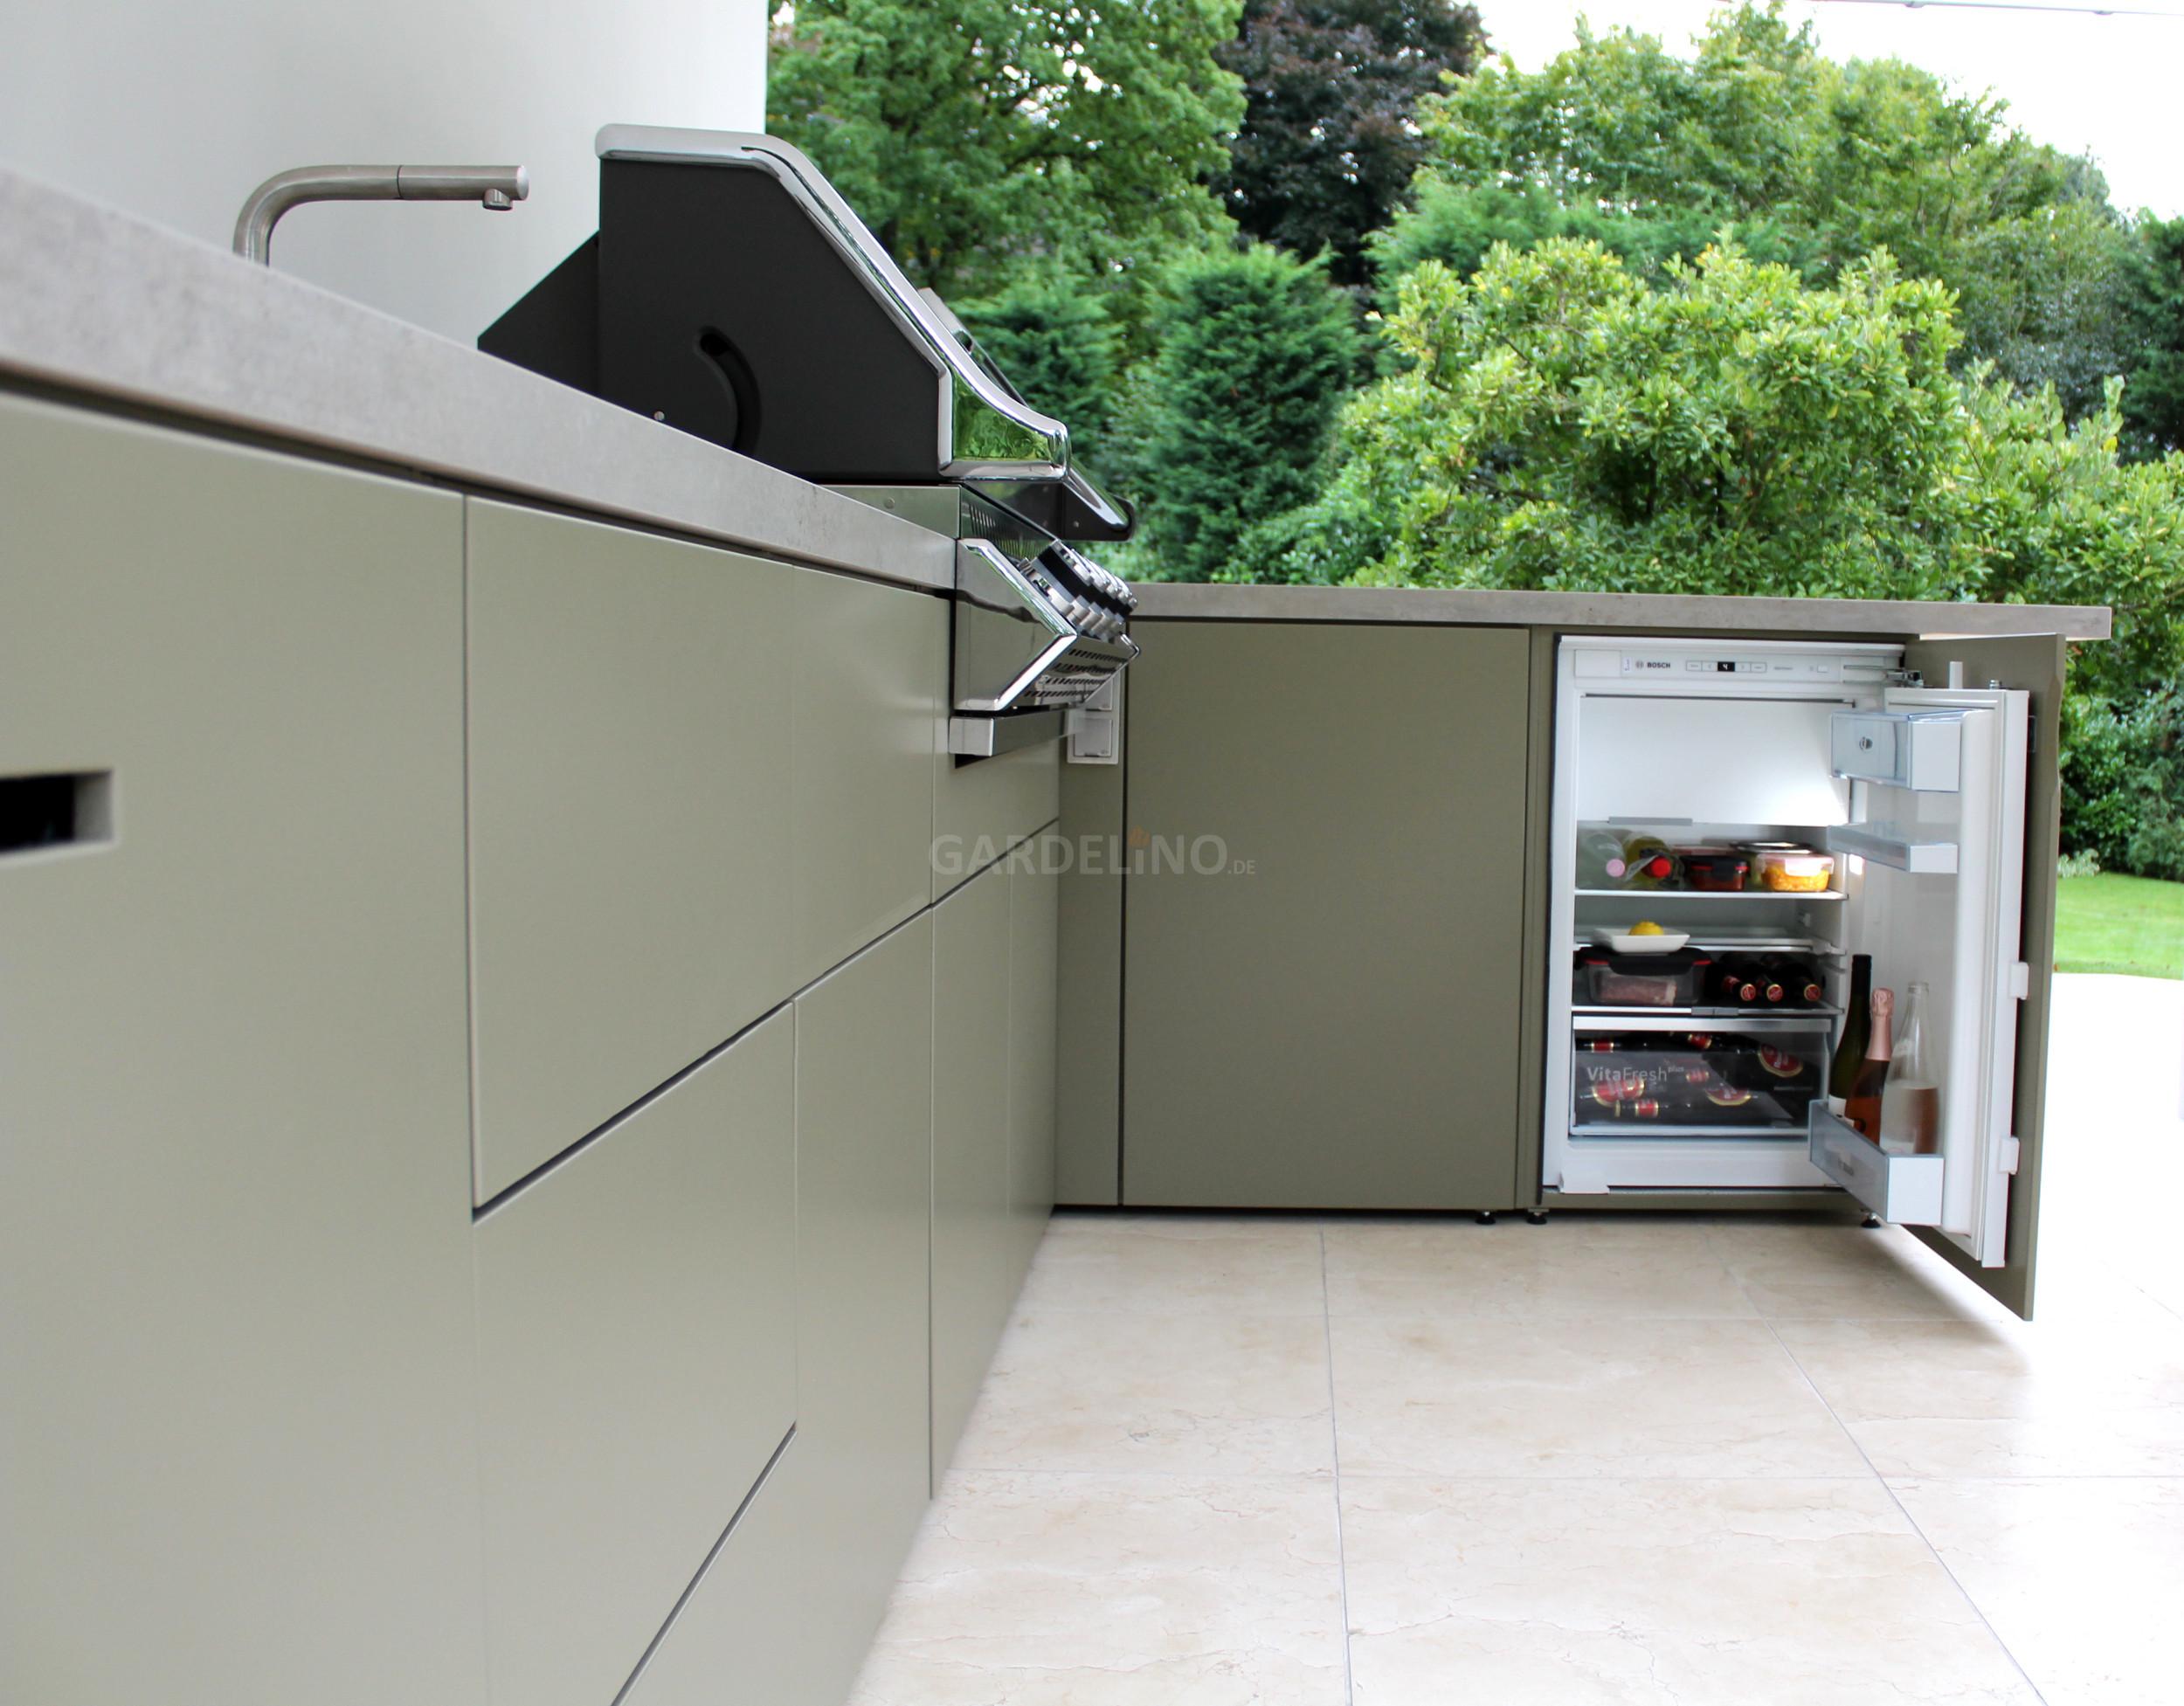 Outdoorküche Zubehör Vergleich : Outdoorküche zubehör test outdoorküche die Überdachung andys